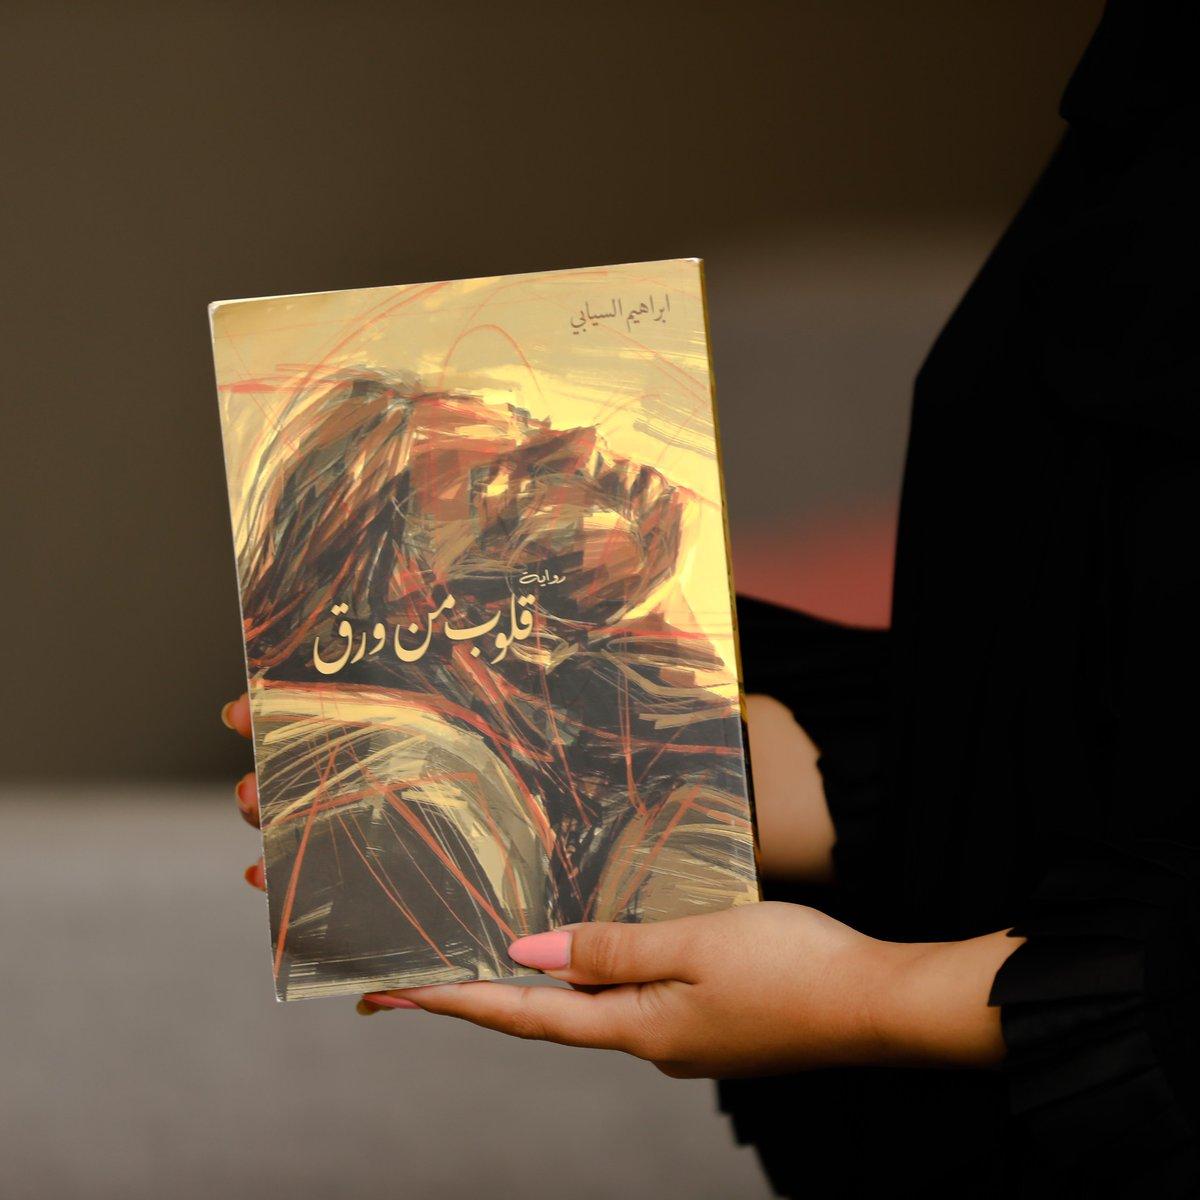 روايات رومانسية سعودية أشهر 4 روايات رومانسية في الوطن العربي زيادة